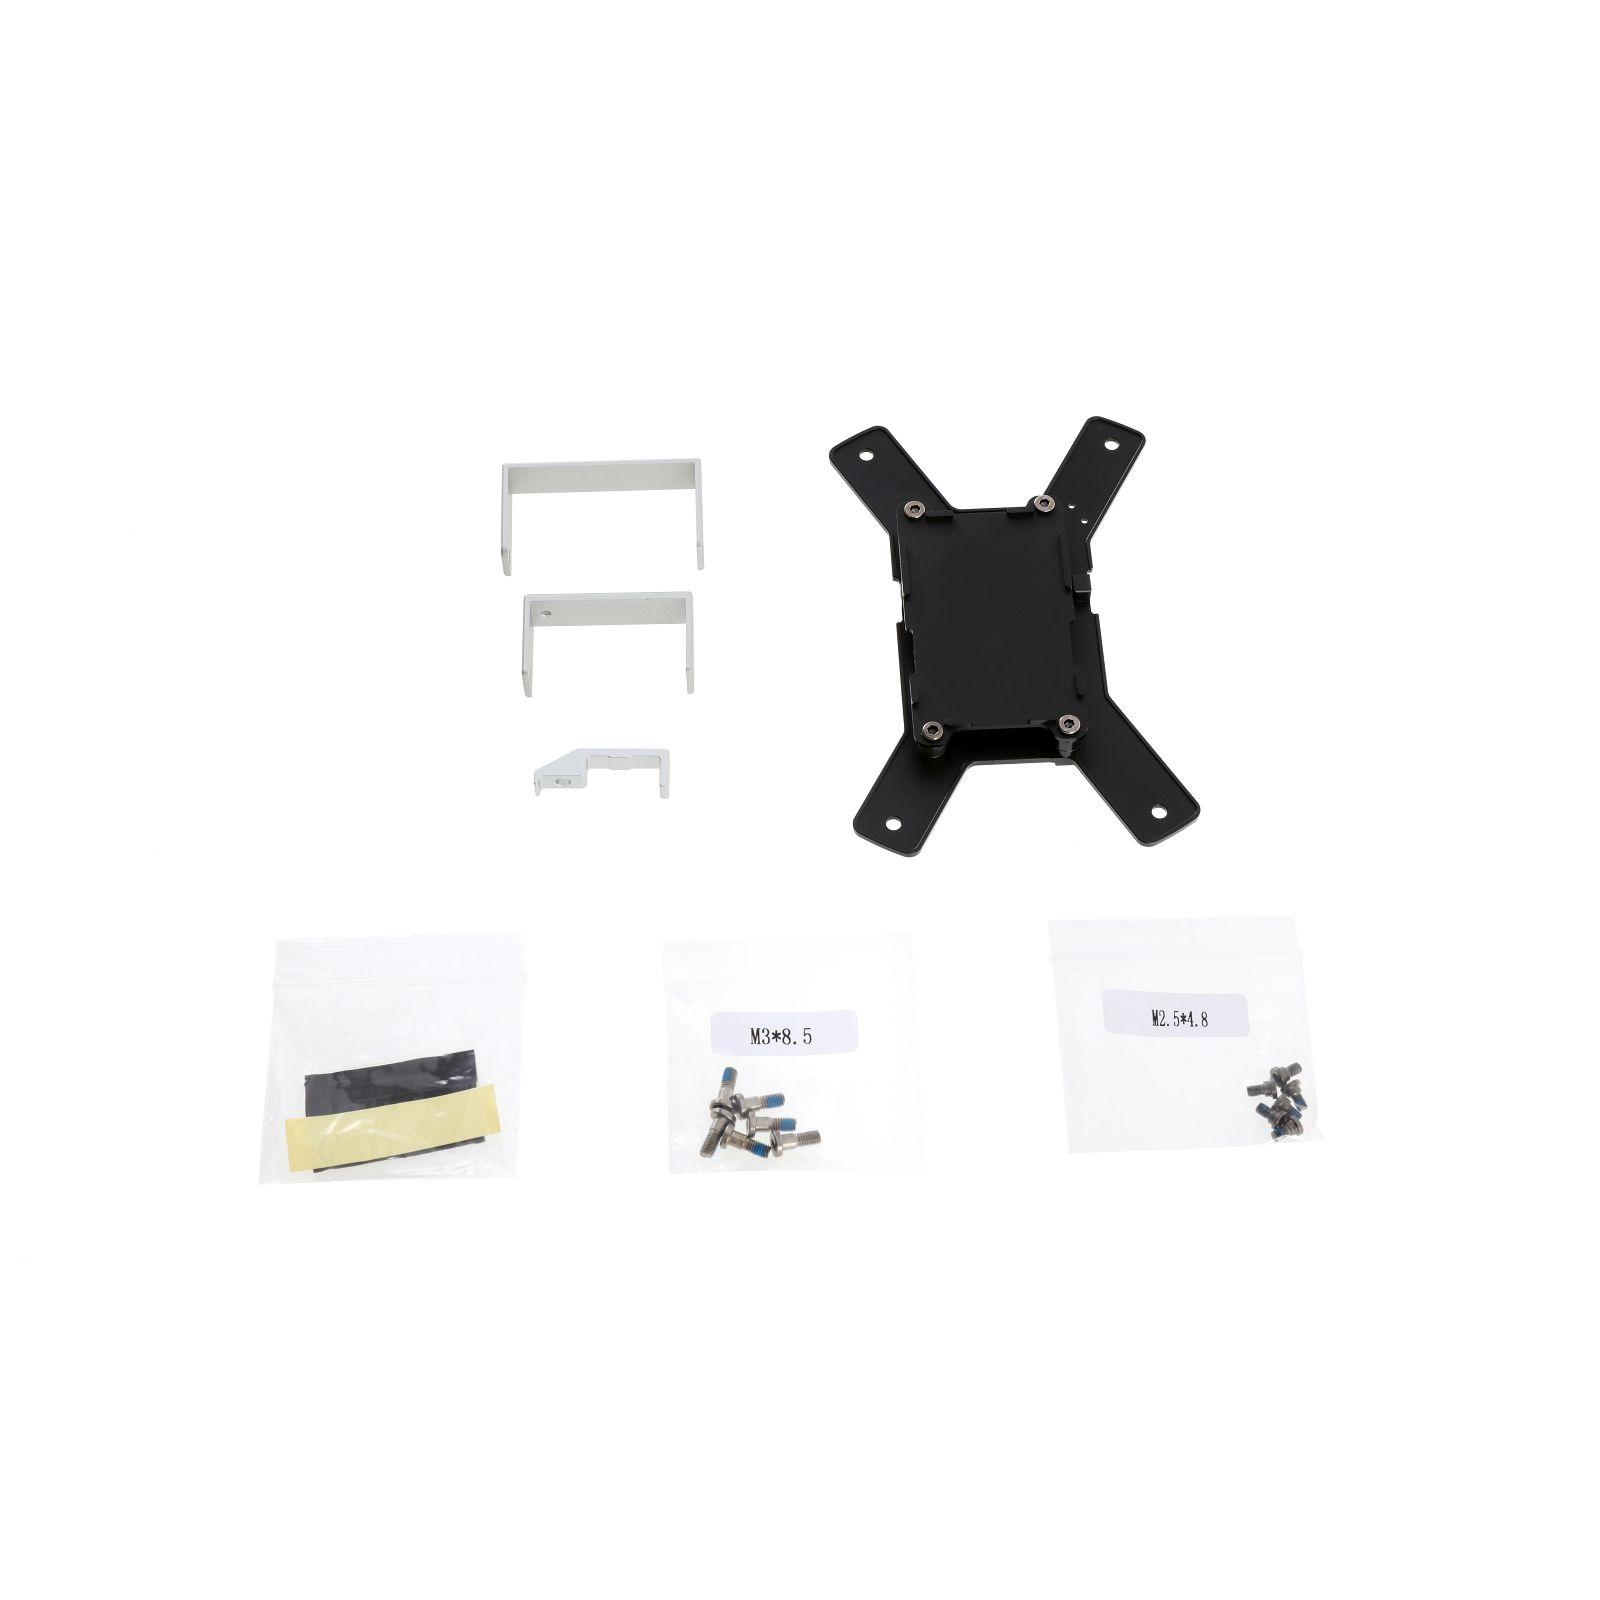 DJI Matrice 600 Spare Part 50 A3 Mounting Frame Kit